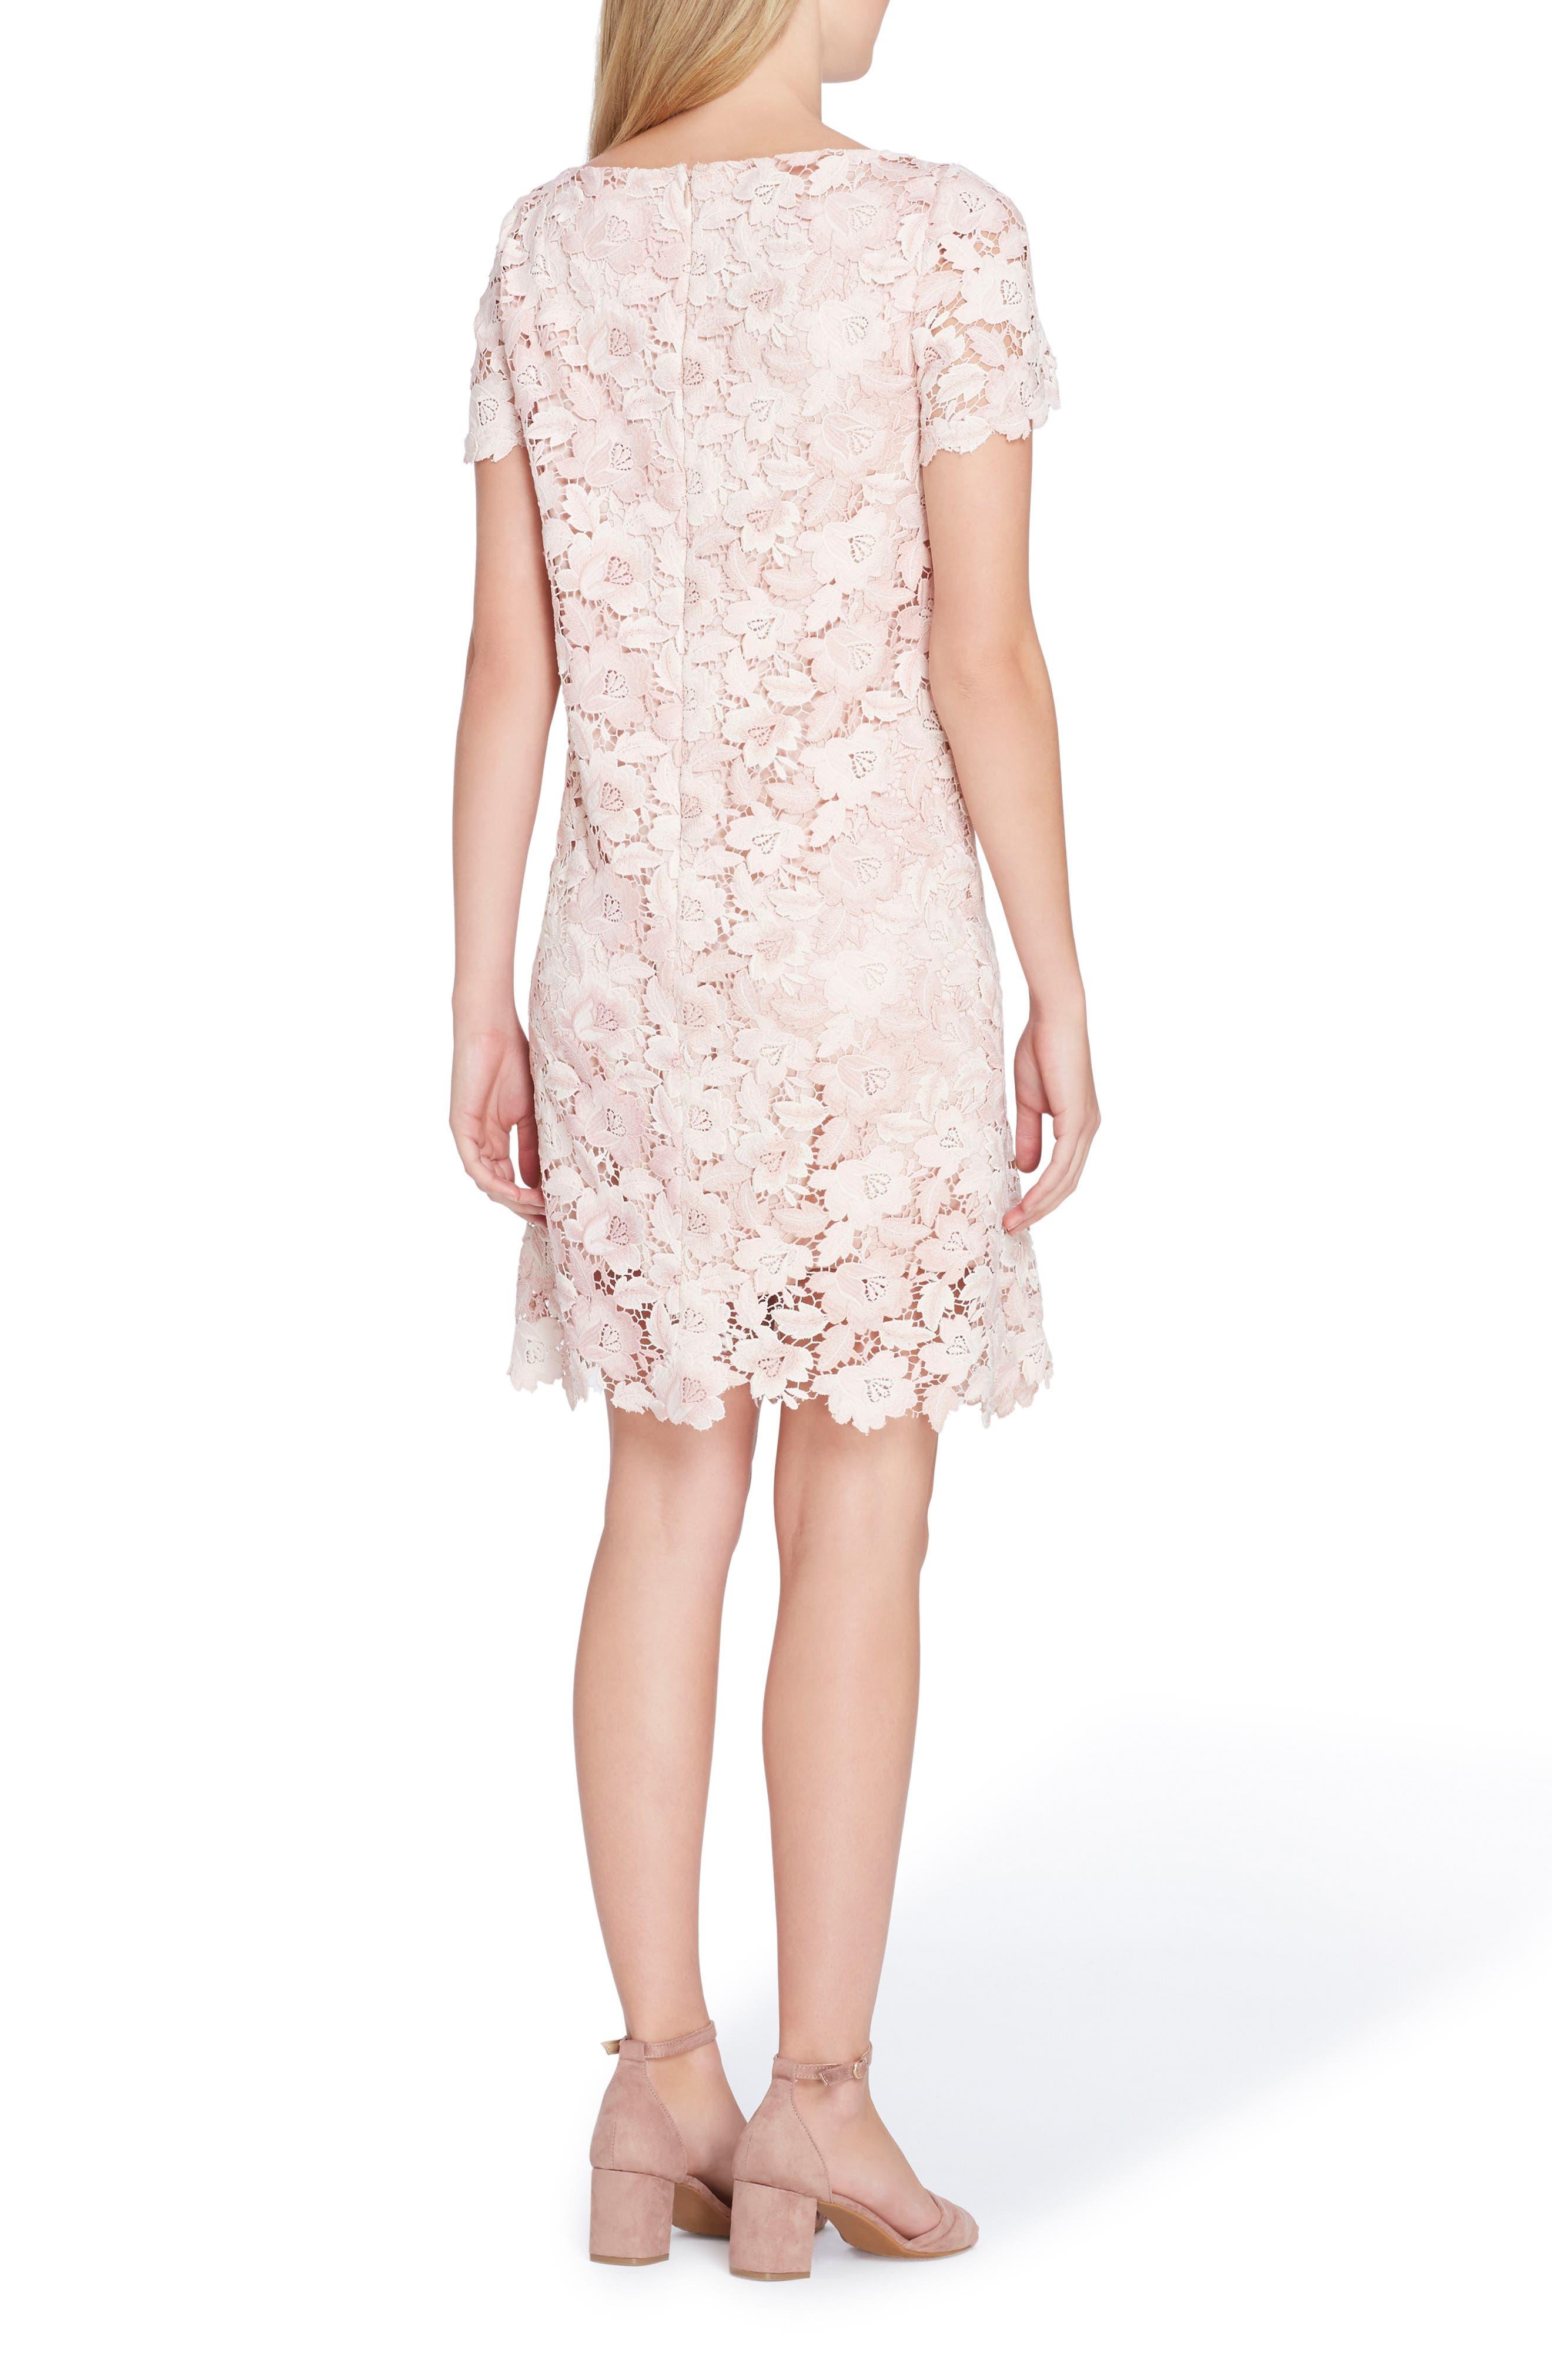 Lace Sheath Dress,                             Alternate thumbnail 2, color,                             Ivory/ Blush